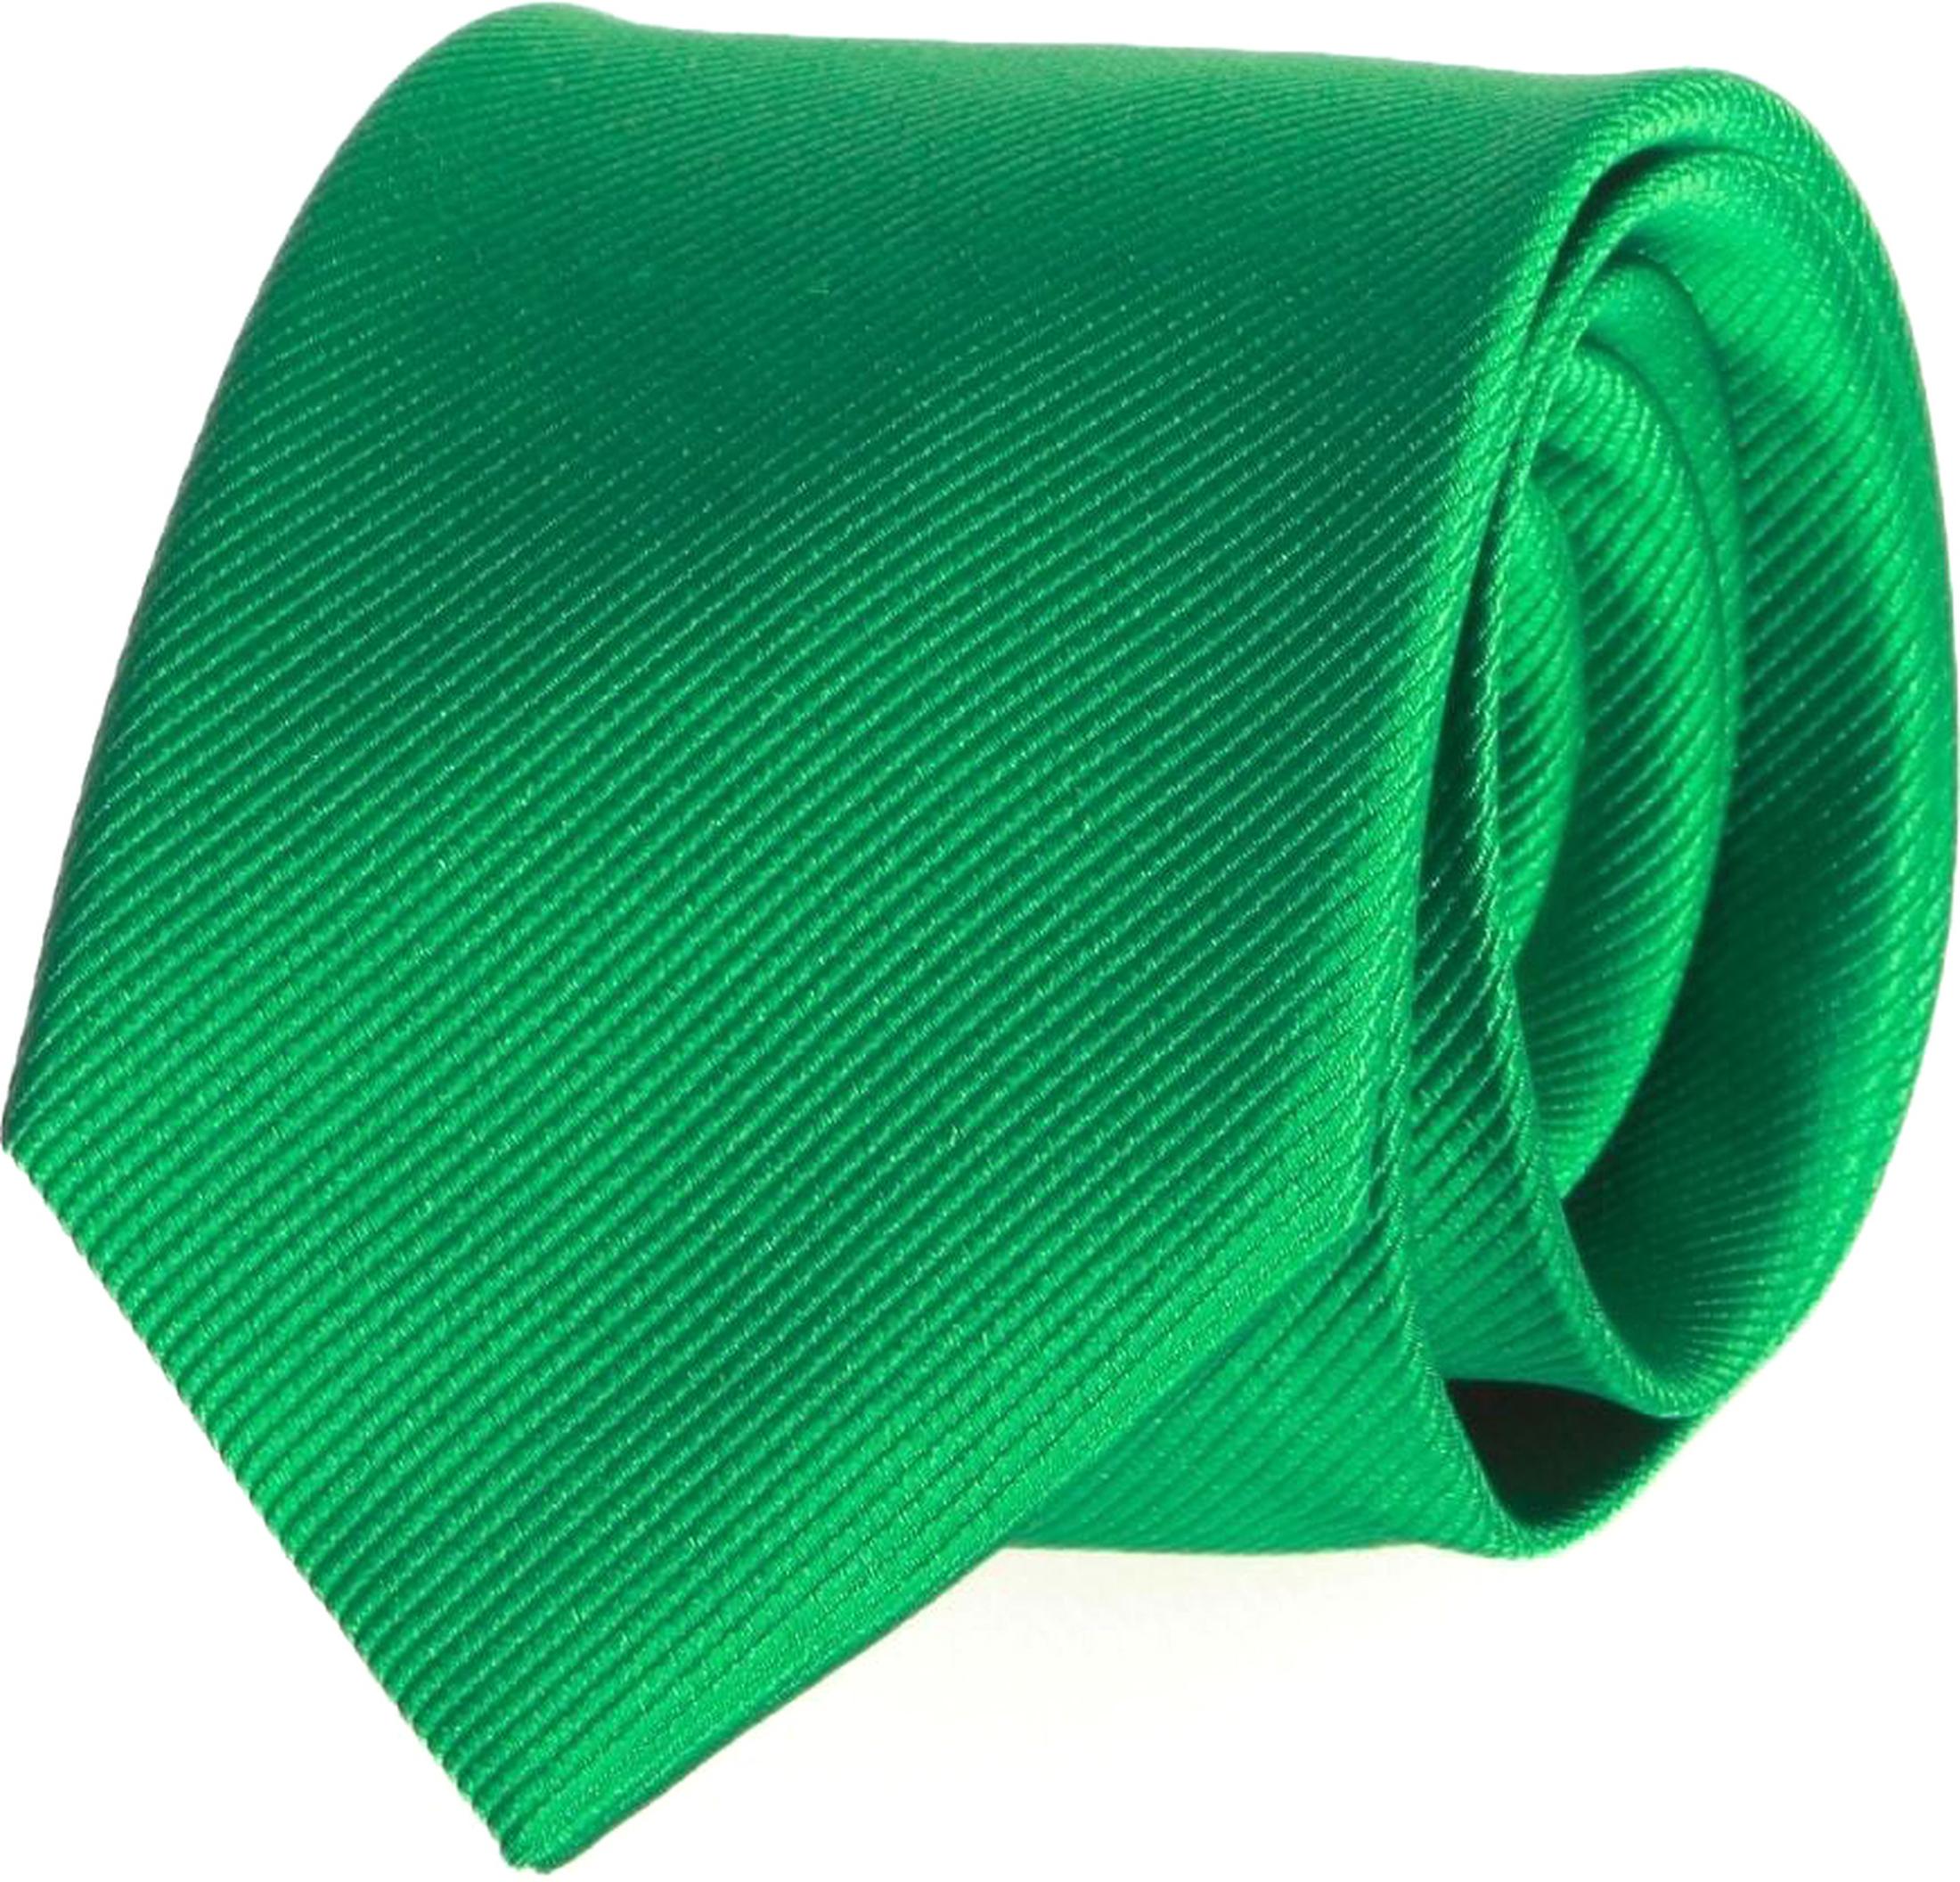 Silk Tie Smaragd Green F68 photo 0